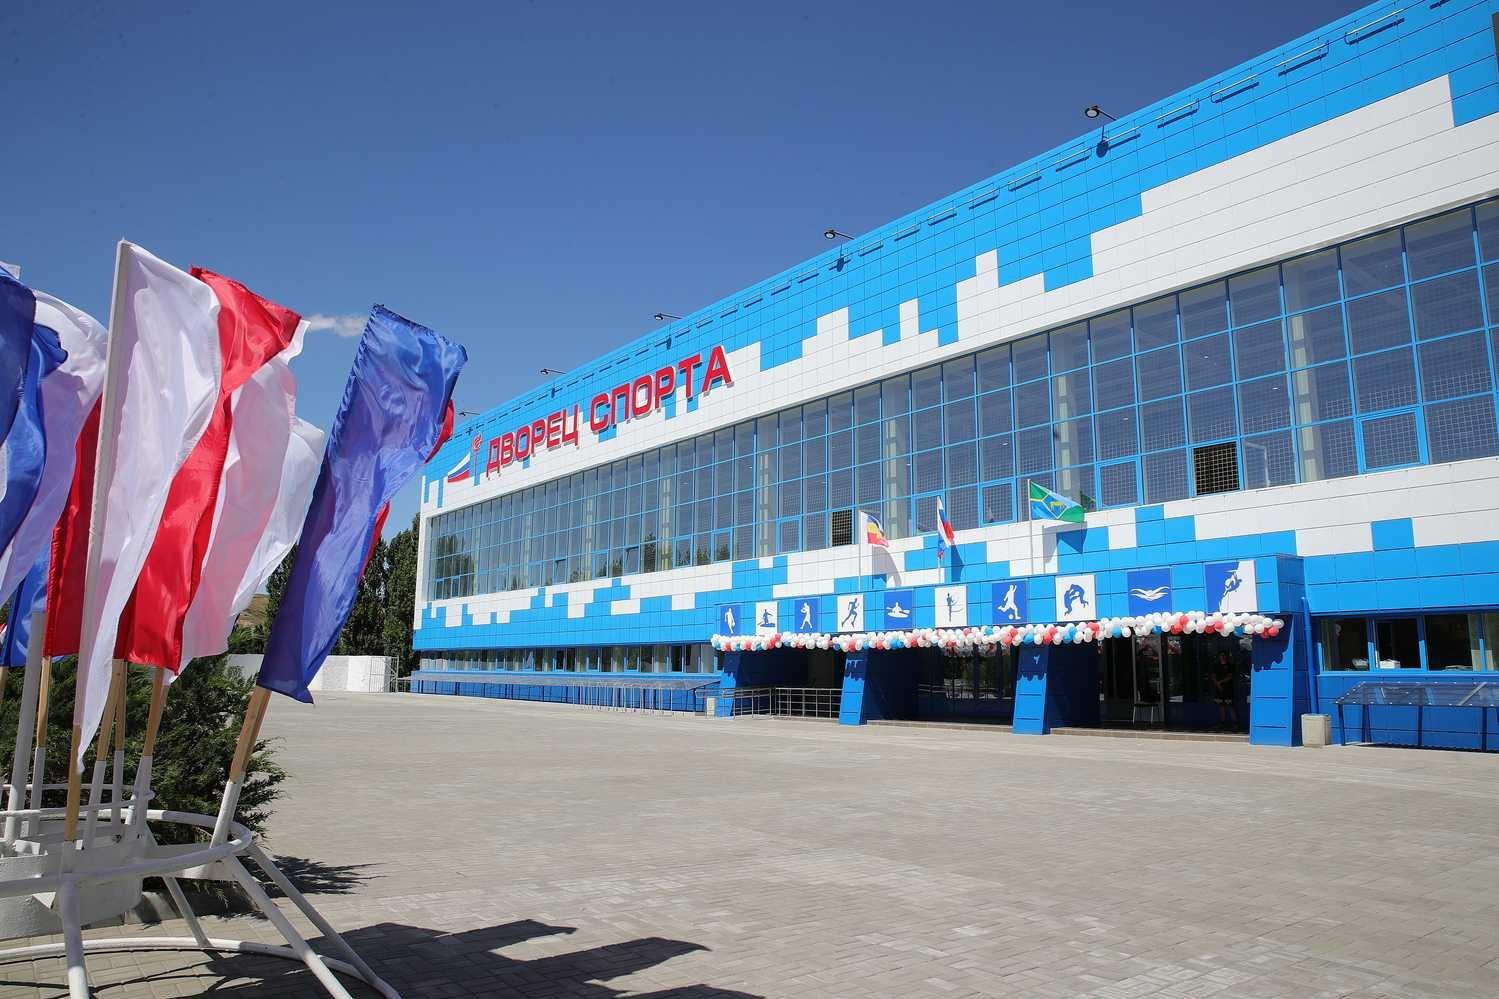 В Ростовской области возведено и отремонтировано 64 спортивных объекта